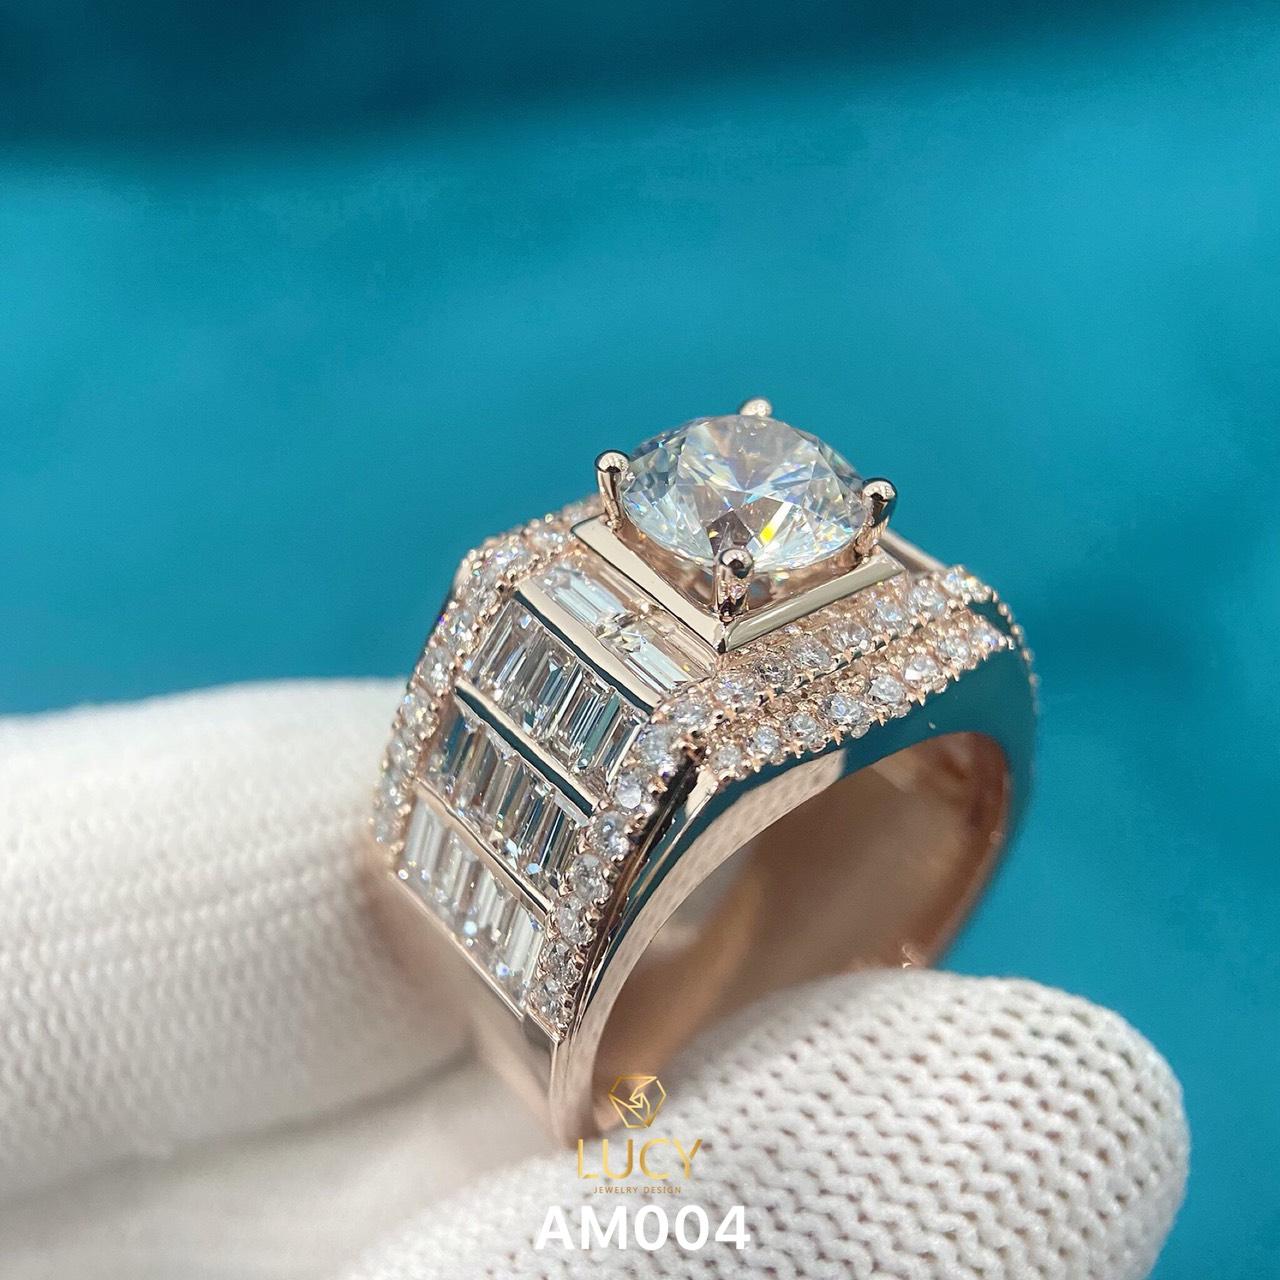 AM004 - Nhẫn vàng nam đá chủ 8.1mm 8mm - Lucy Jewelry